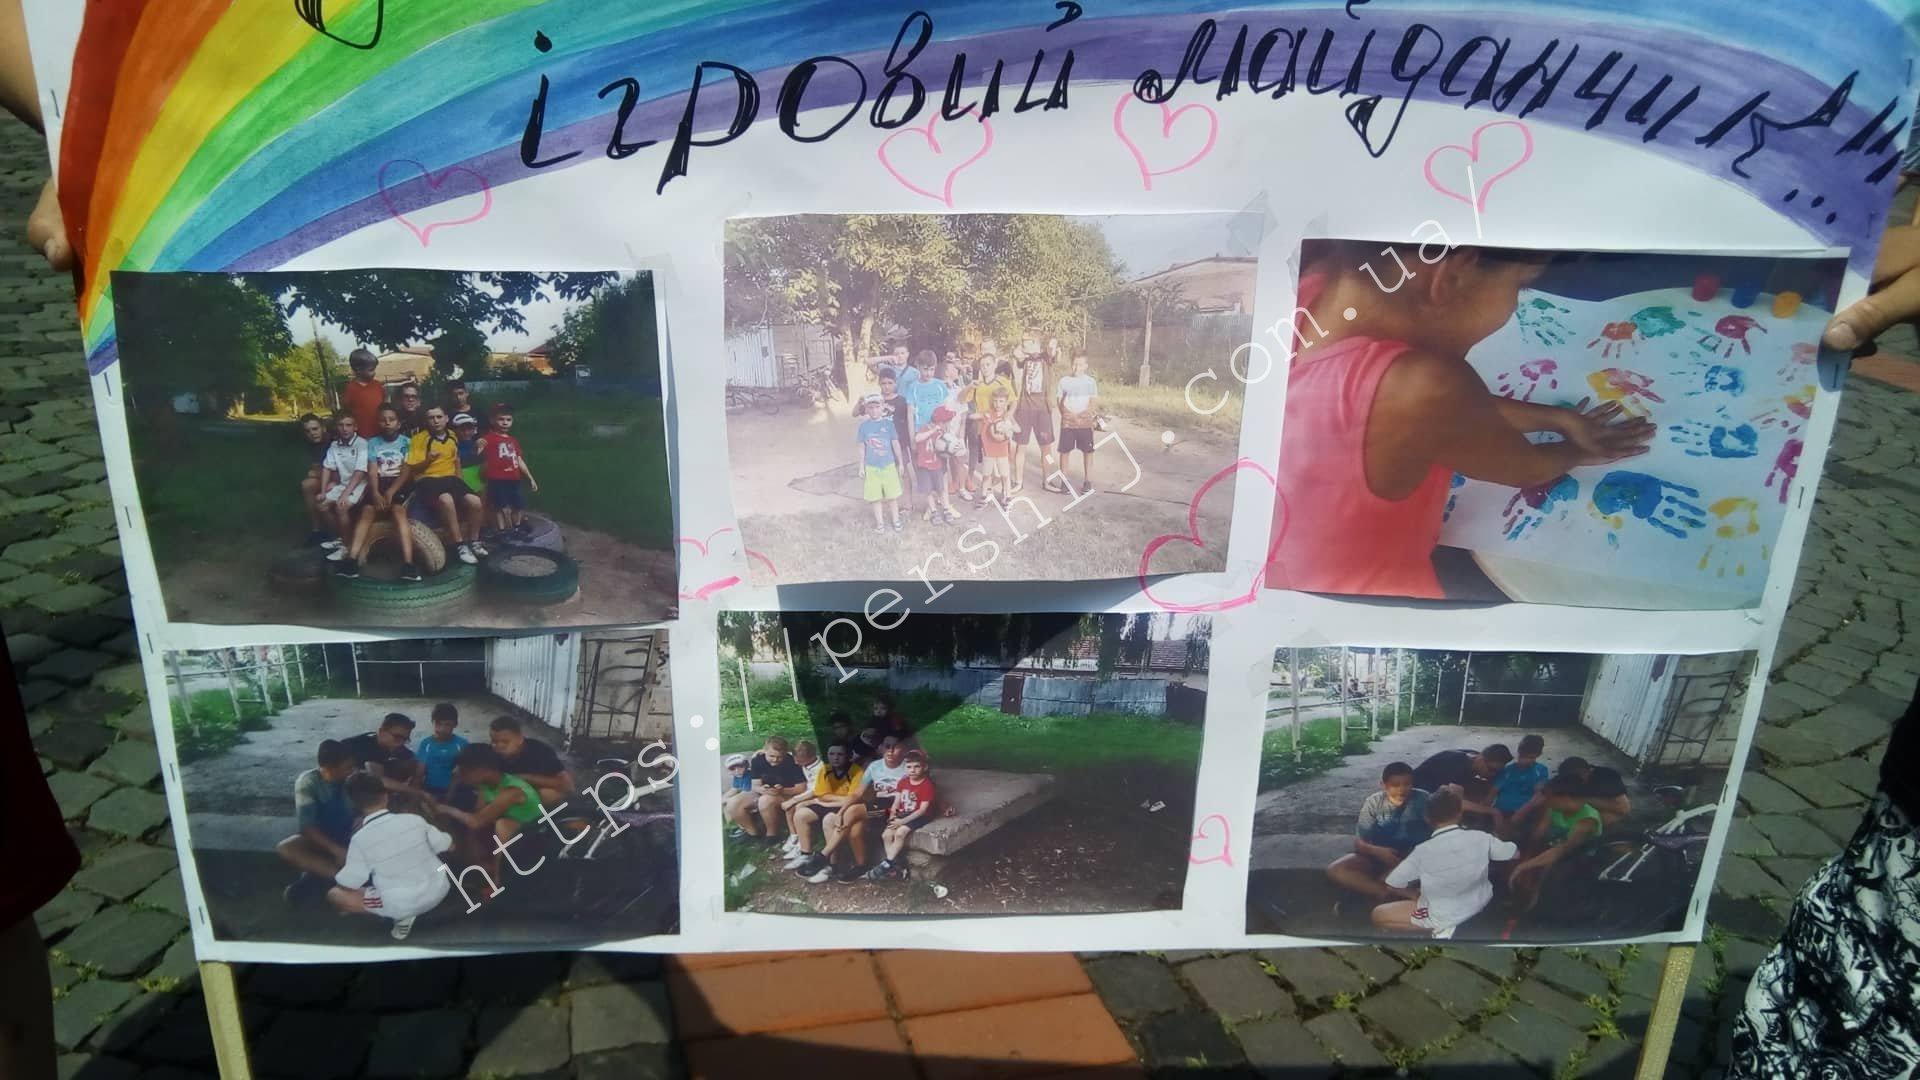 В Закарпатье маленькие дети вместе со взрослыми устроили мирную акцию